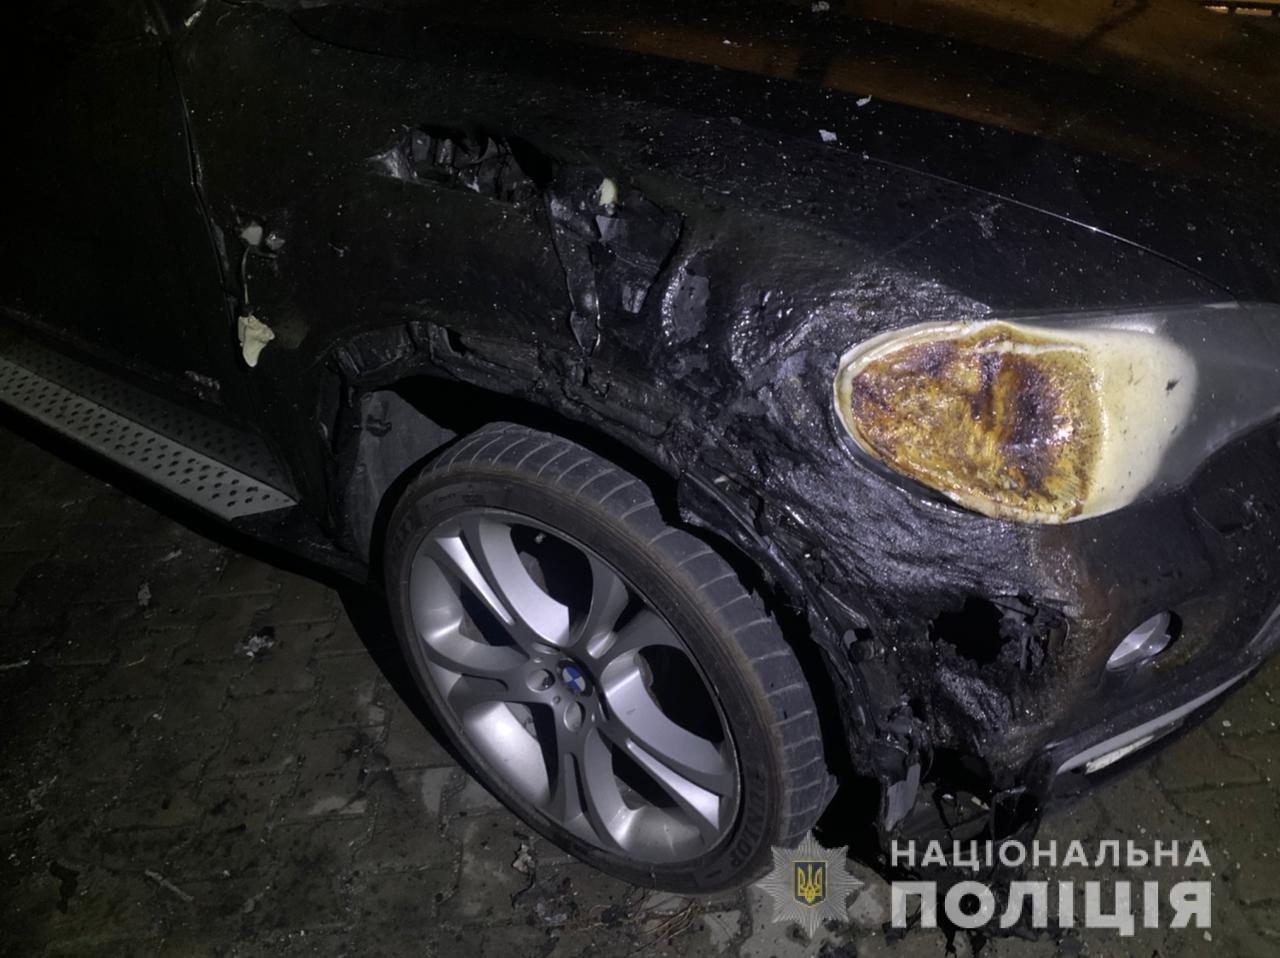 В Одессе неизвестные подожгли автомобиль, огонь перекинулся на соседние машины, - ФОТО, фото-1